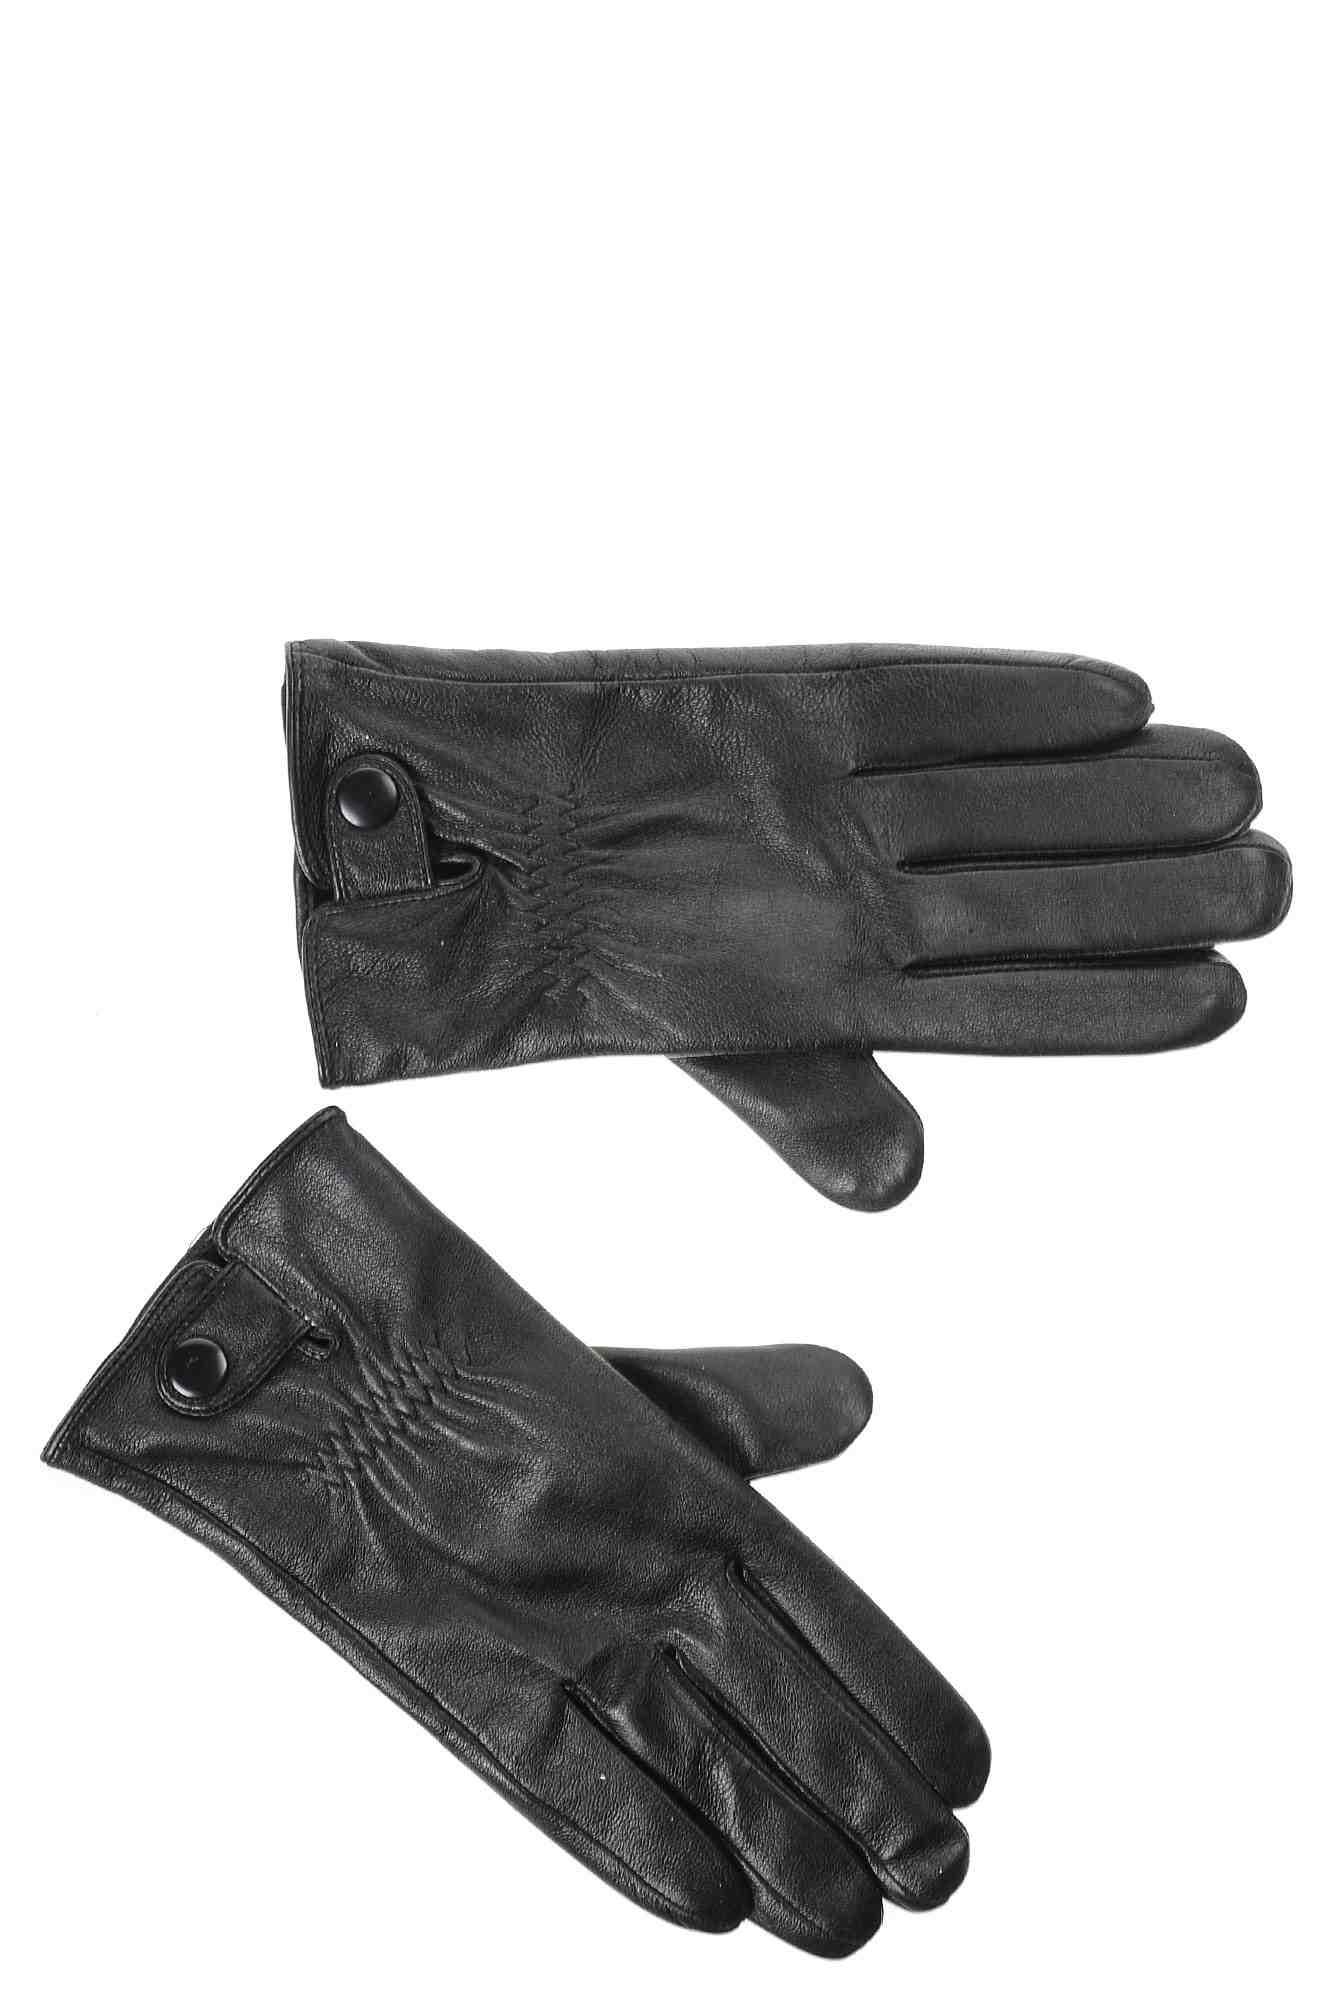 Αντρικά Δερμάτινα Γάντια Brandbags Collection G103 ανδρας   αντρικό γάντι